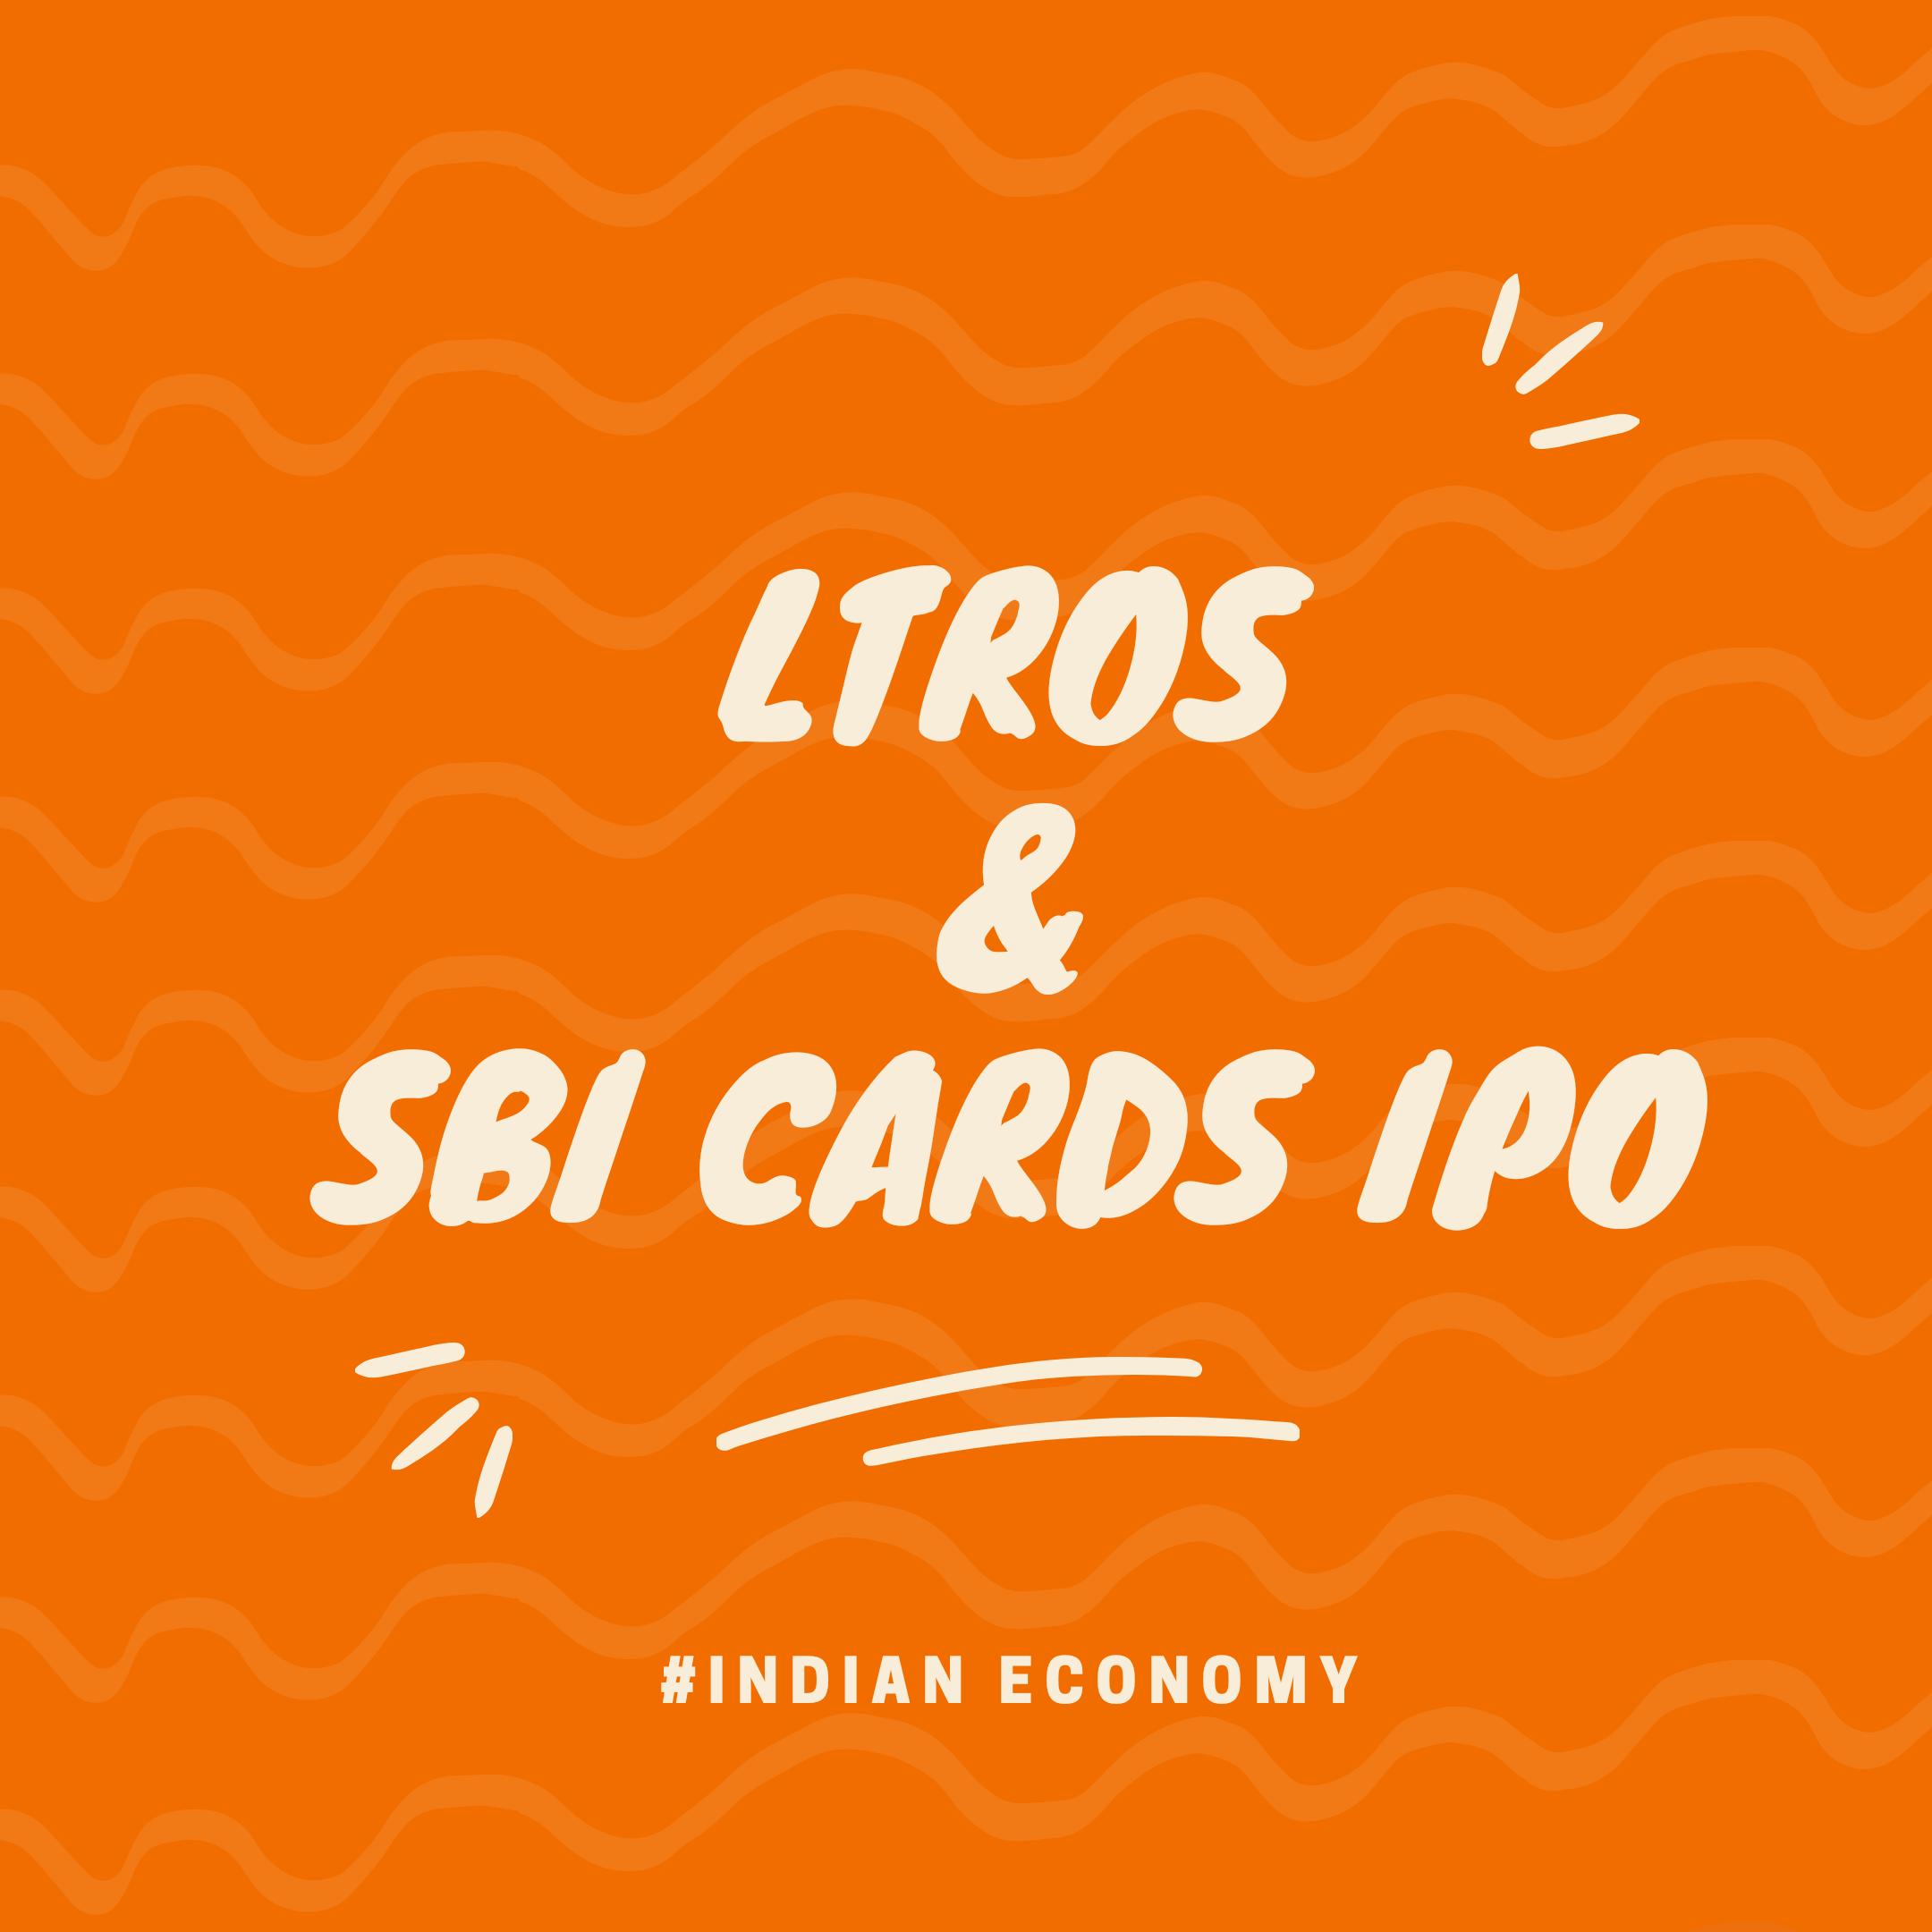 SBI Cards